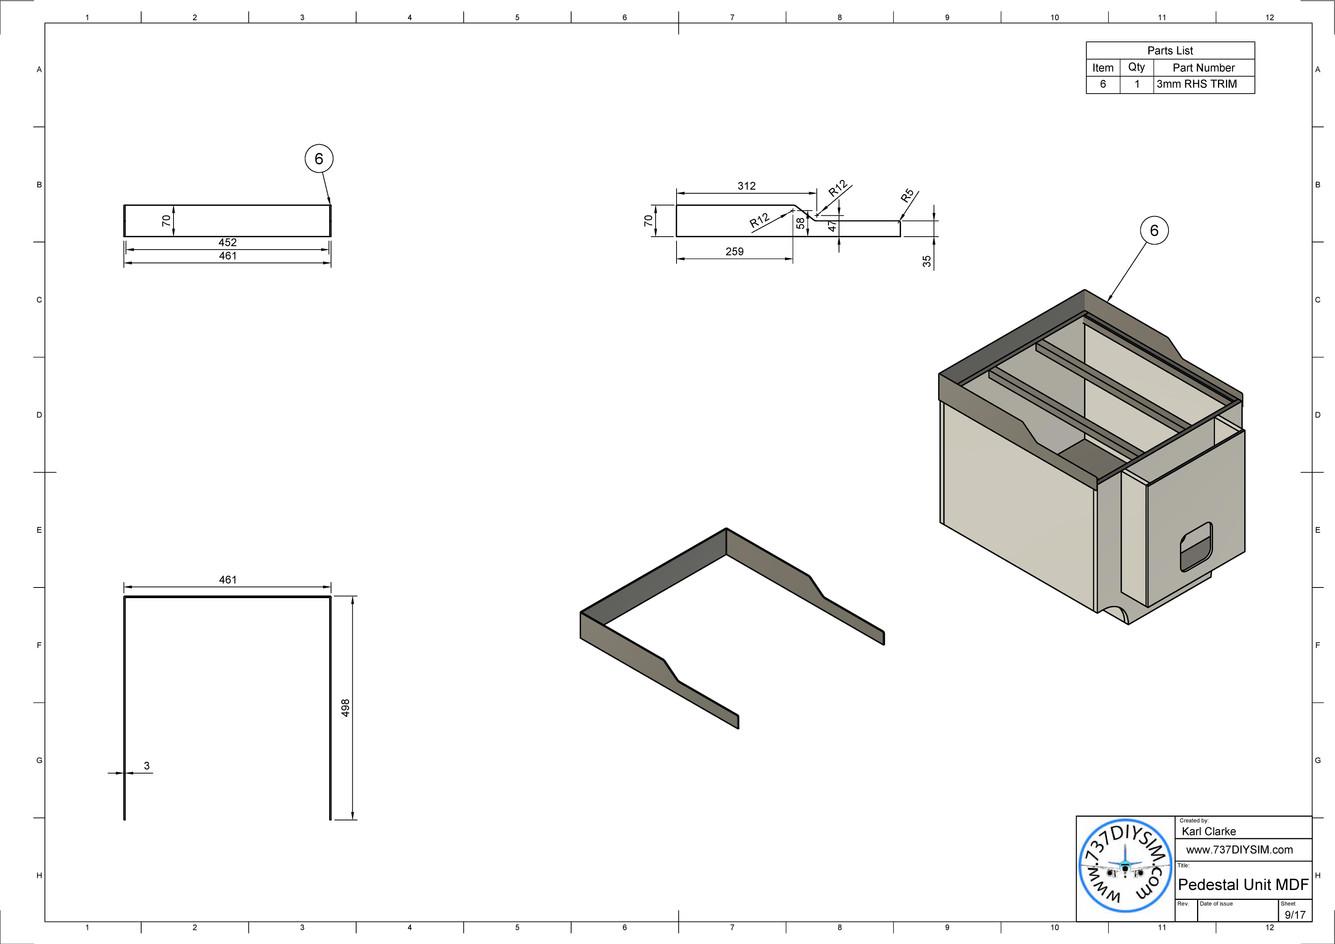 Pedestal Unit MDF Drawing v2-page-009.jp